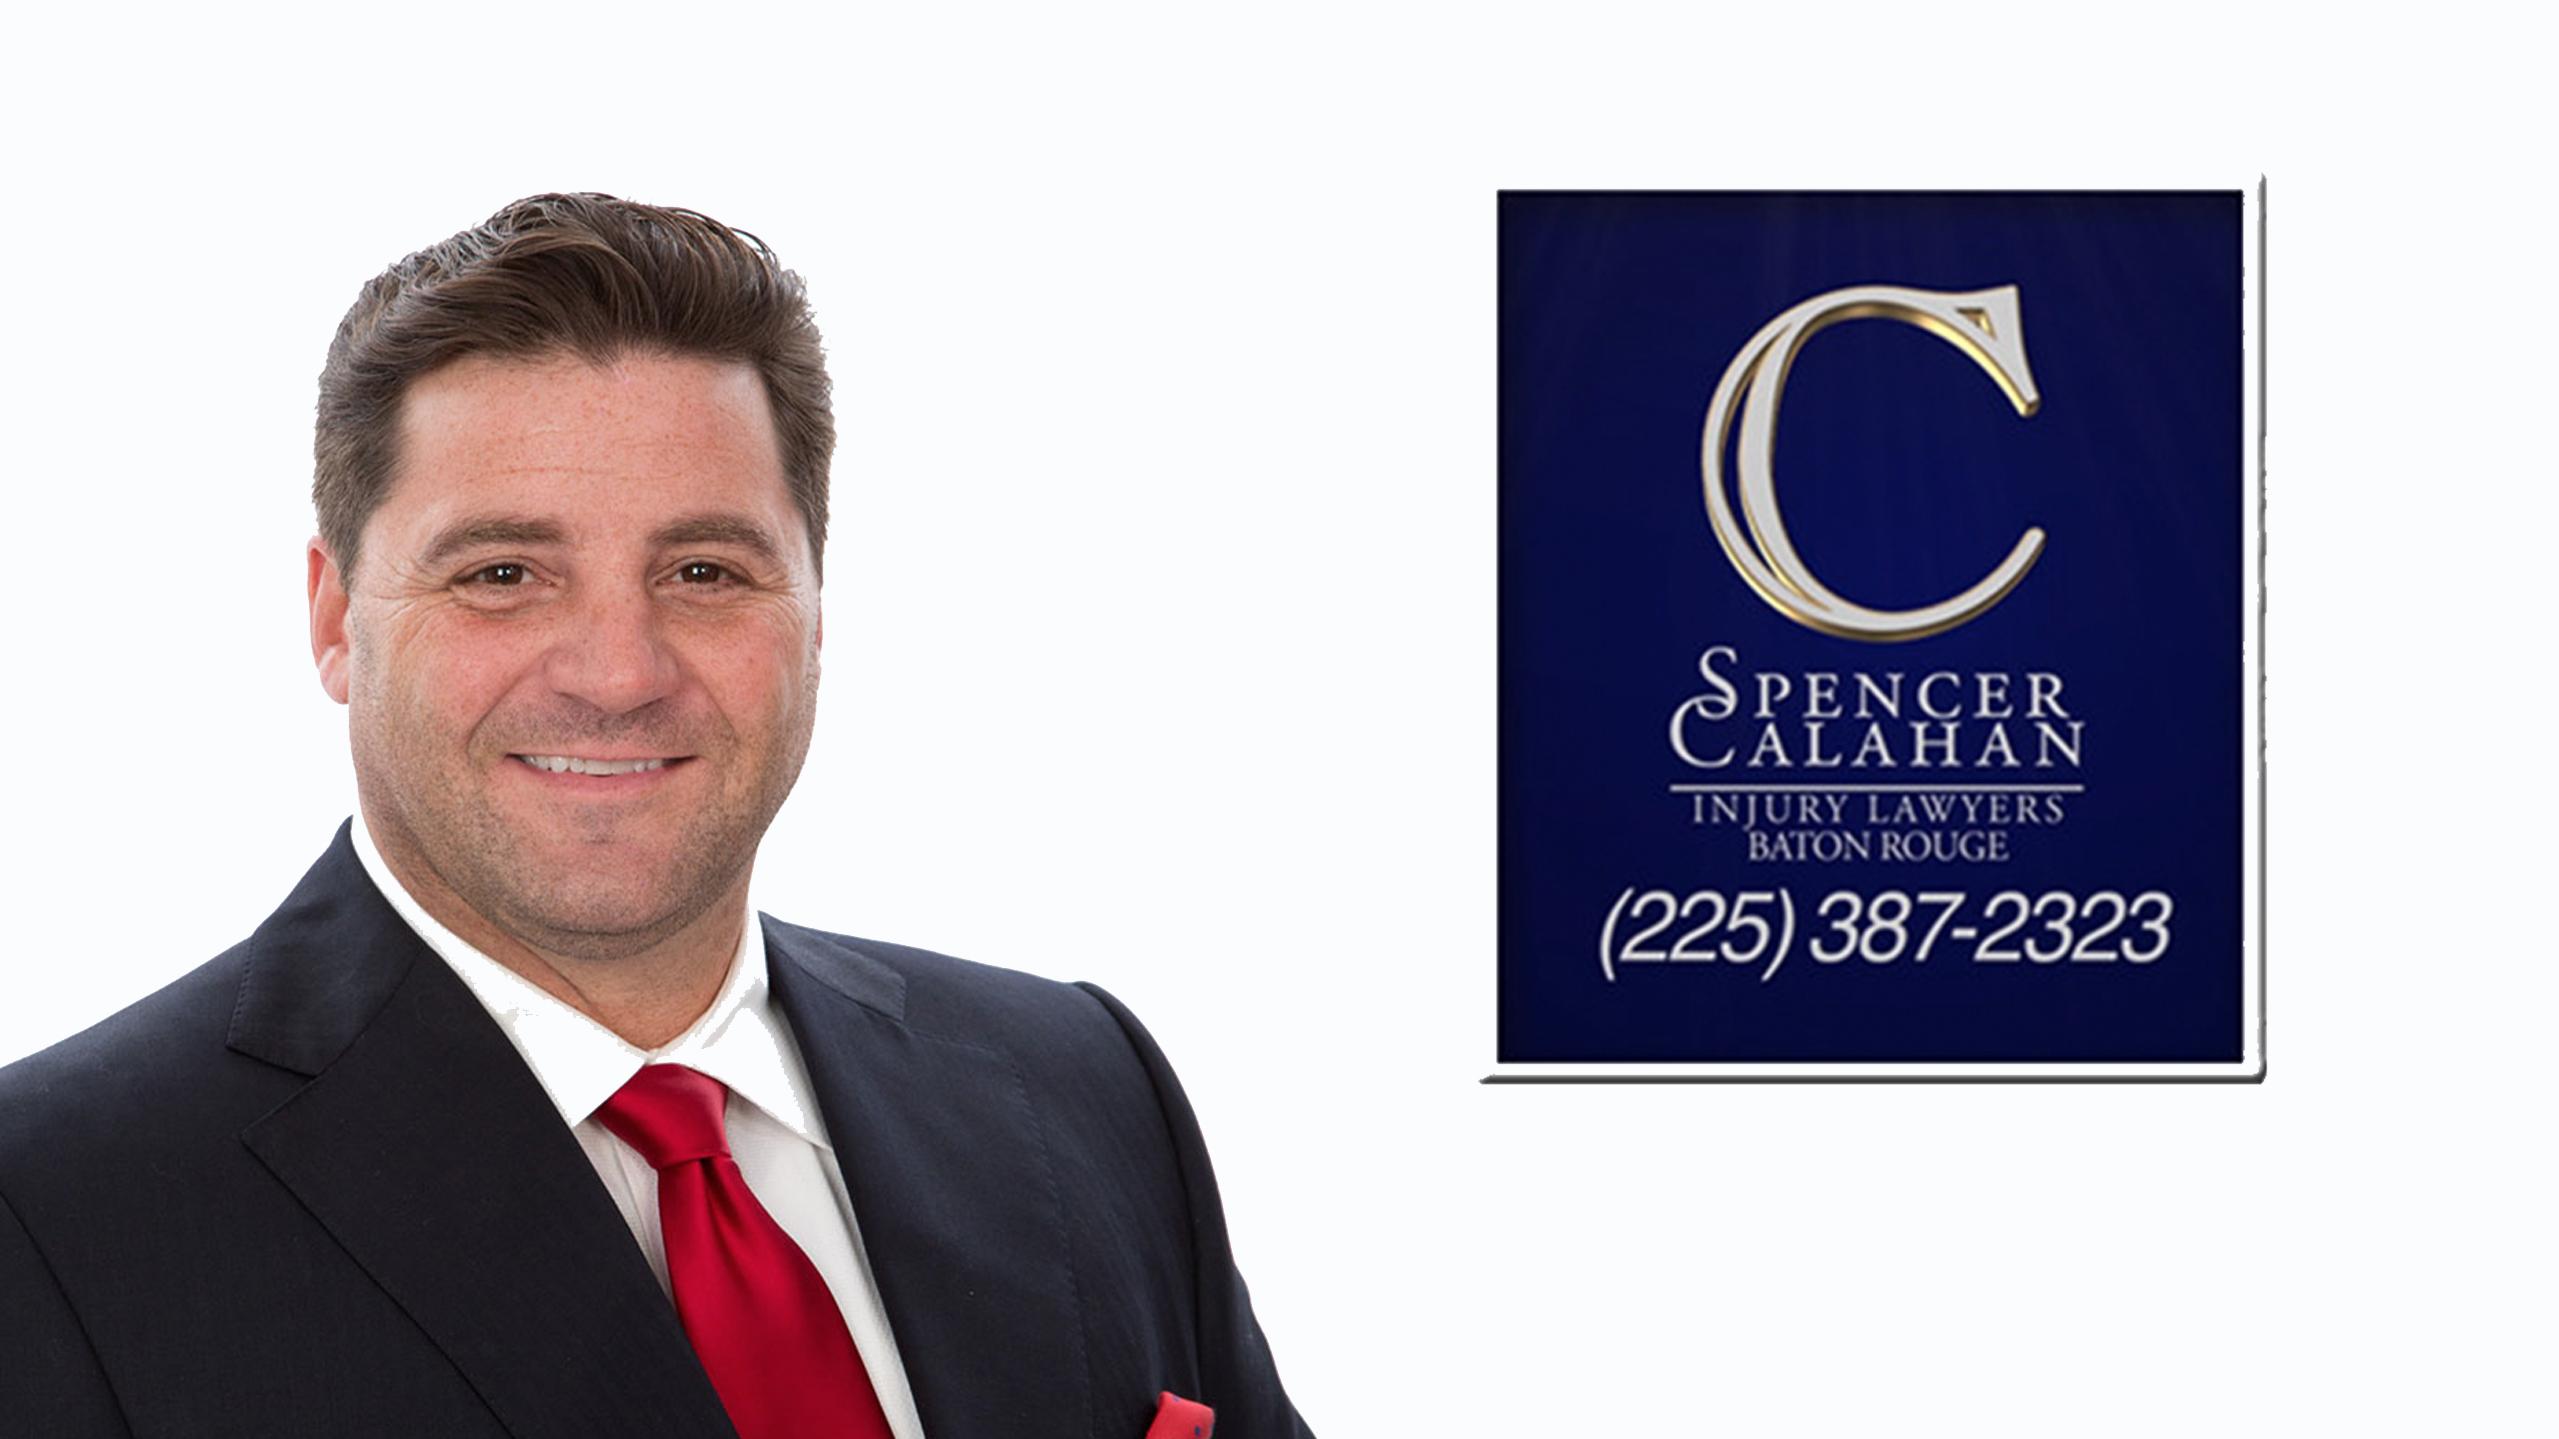 Spencer Calahan Injury Lawyer